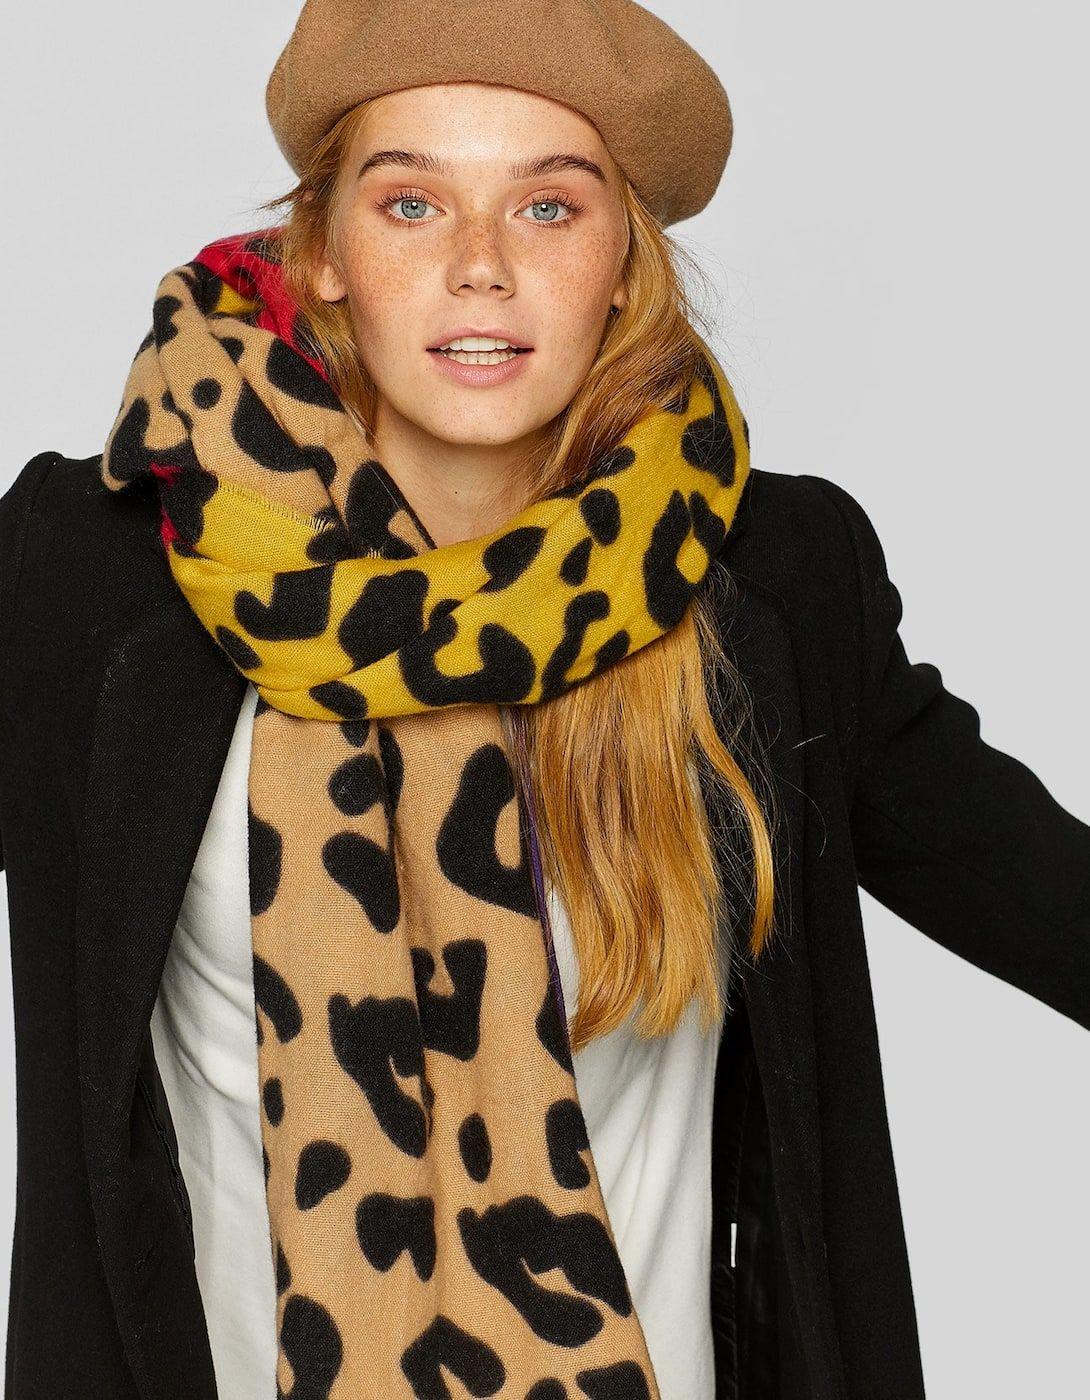 nueva estilos c63c6 e9001 Bufanda leopardo fantasía - Bufandas y pañuelos de mujer ...